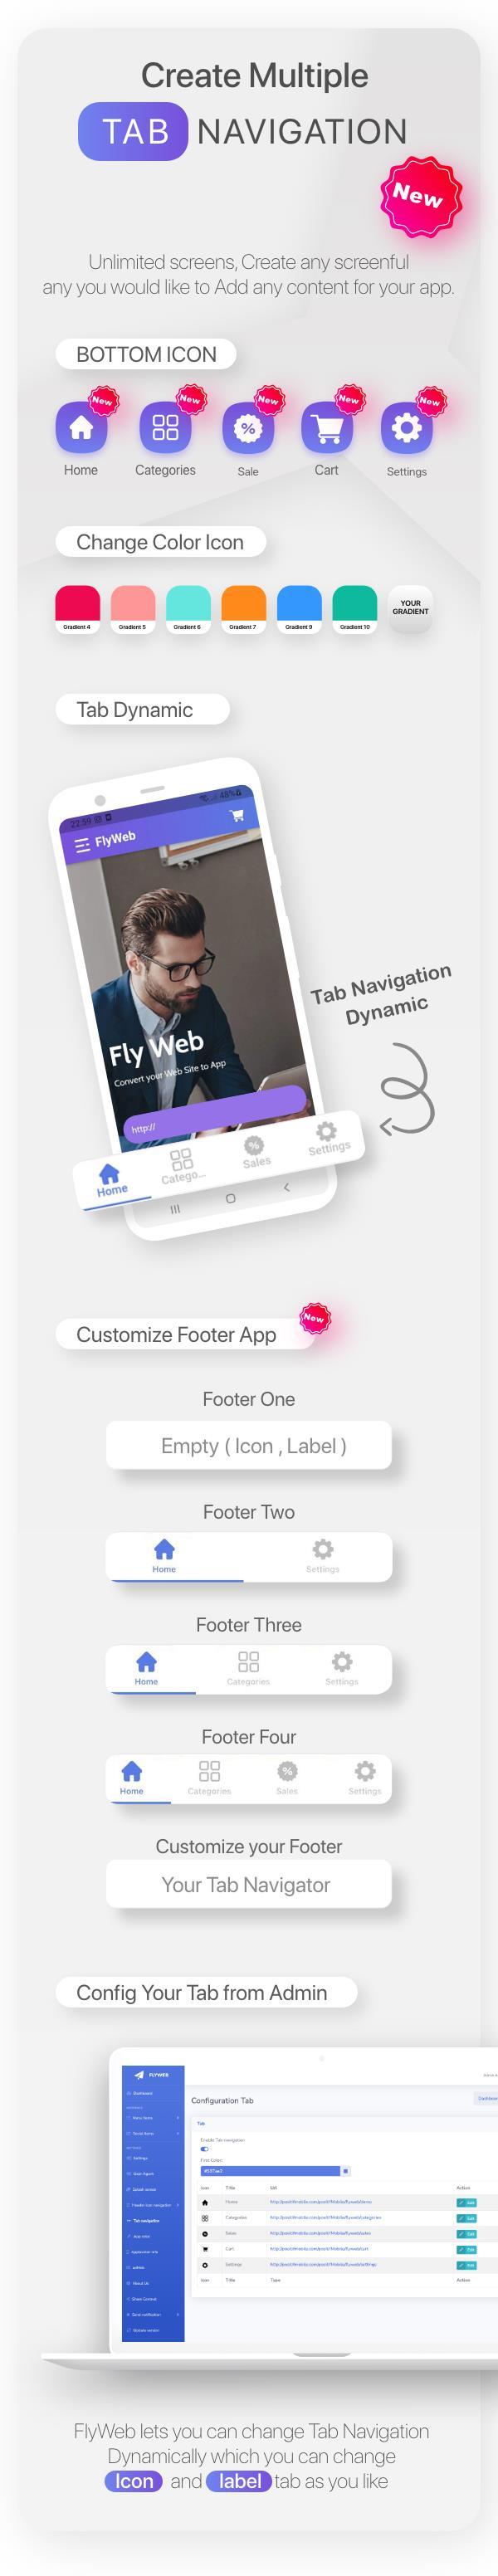 FlyWeb para Web to App Convertor Flutter + Painel de administração - 12